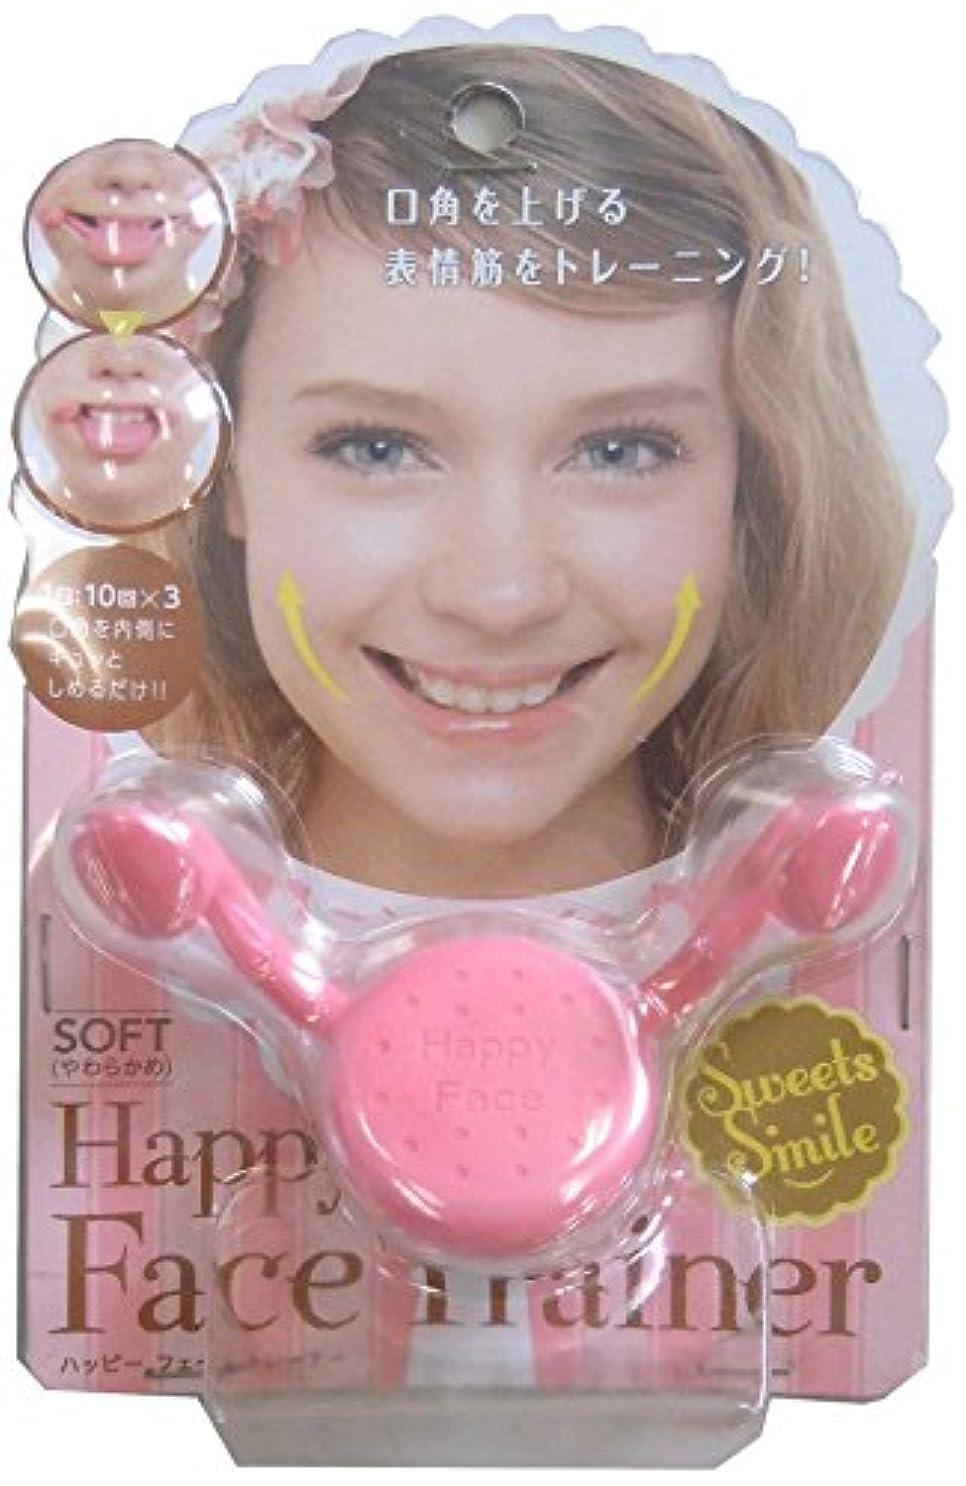 縮約一貫した化粧ハッピーフェイストレーナー ソフト